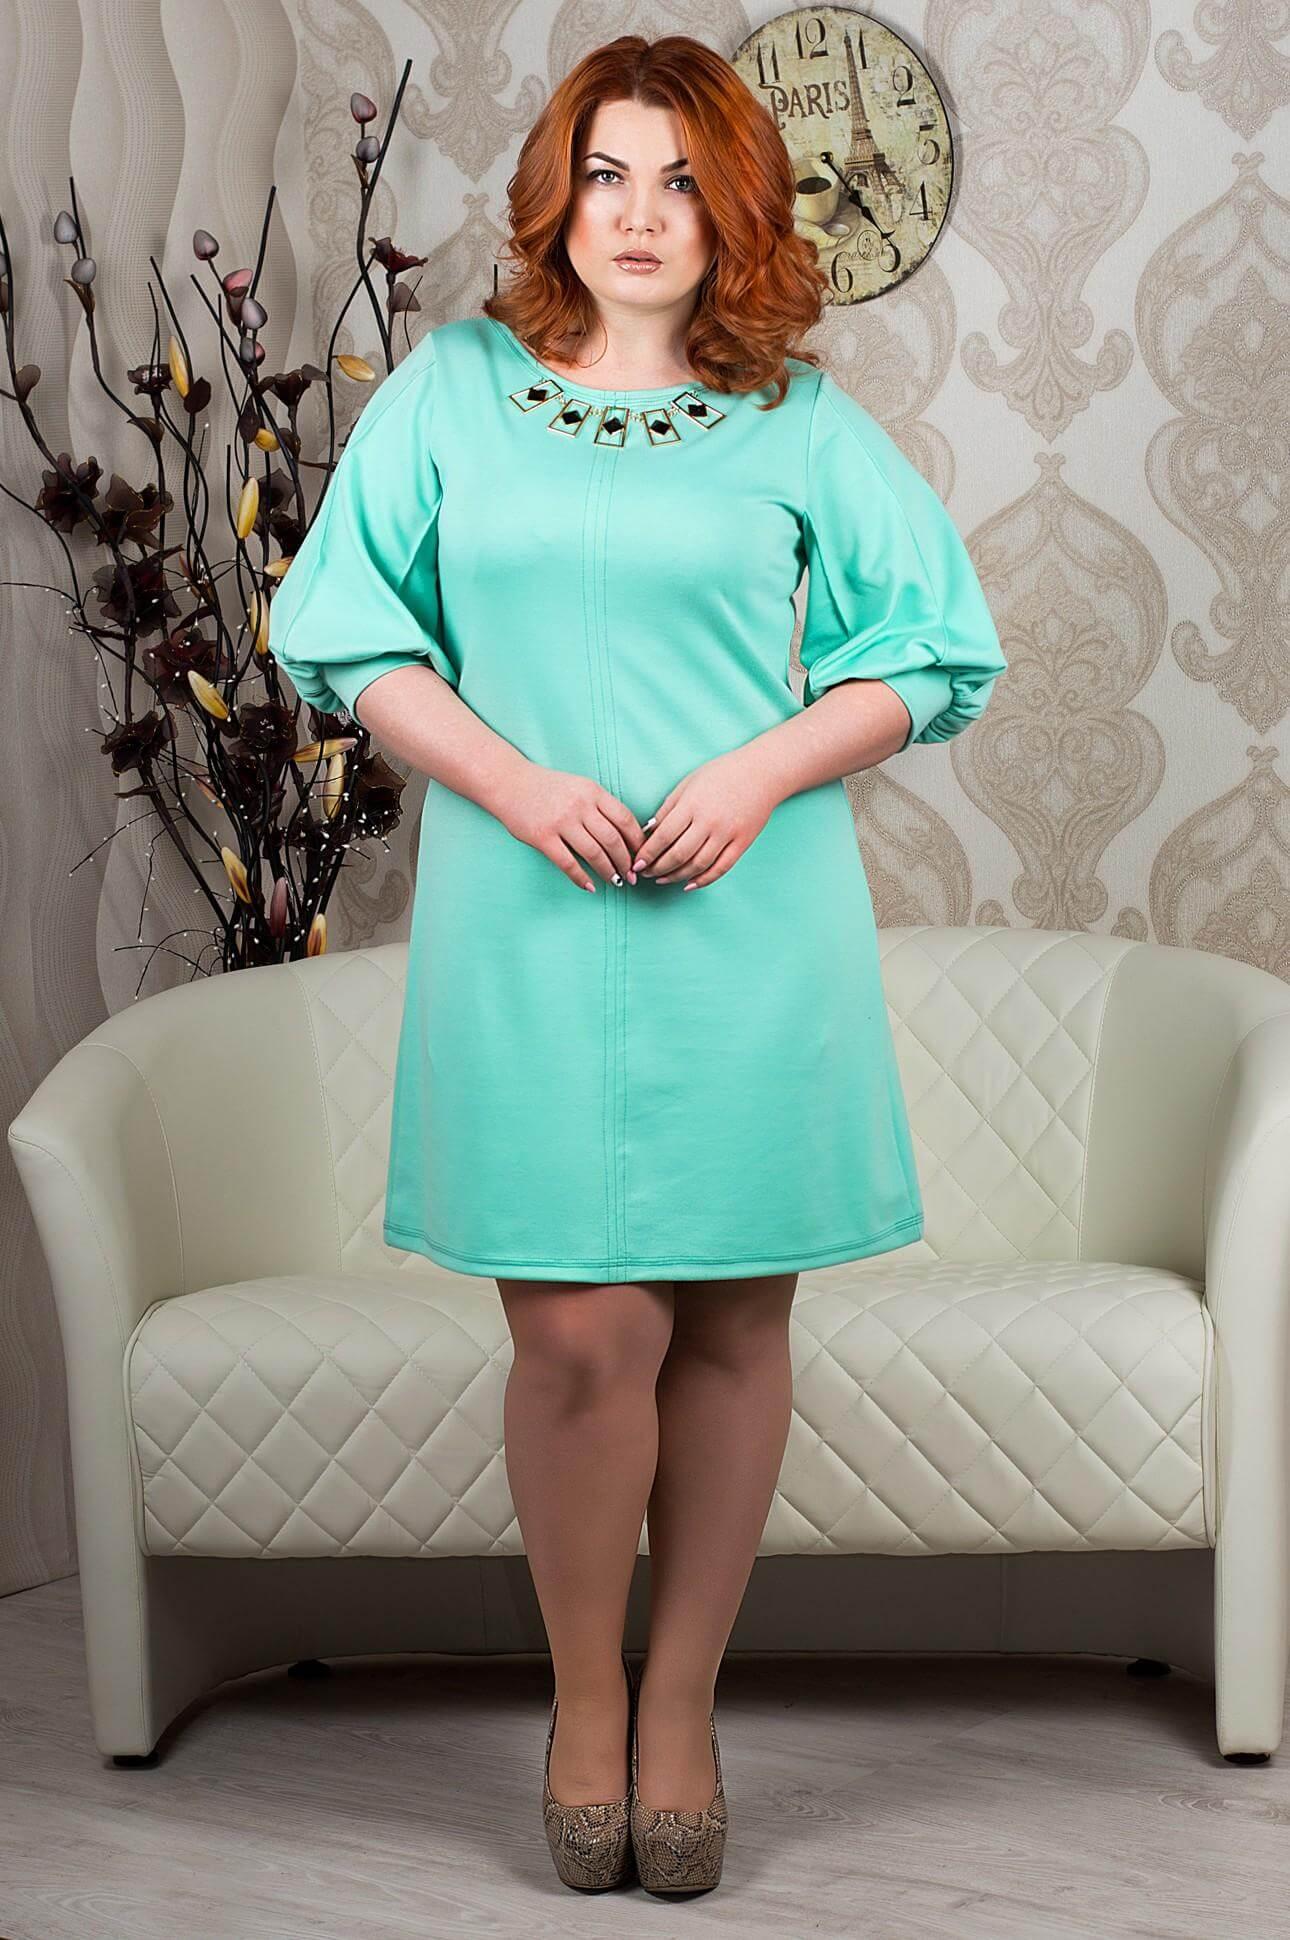 5bd21911e69614 Для повних дам вибір кольору вбрання особливо важливий, адже багато  відтінків мають властивість візуально повнити або навпаки «полегшувати»  фігуру.